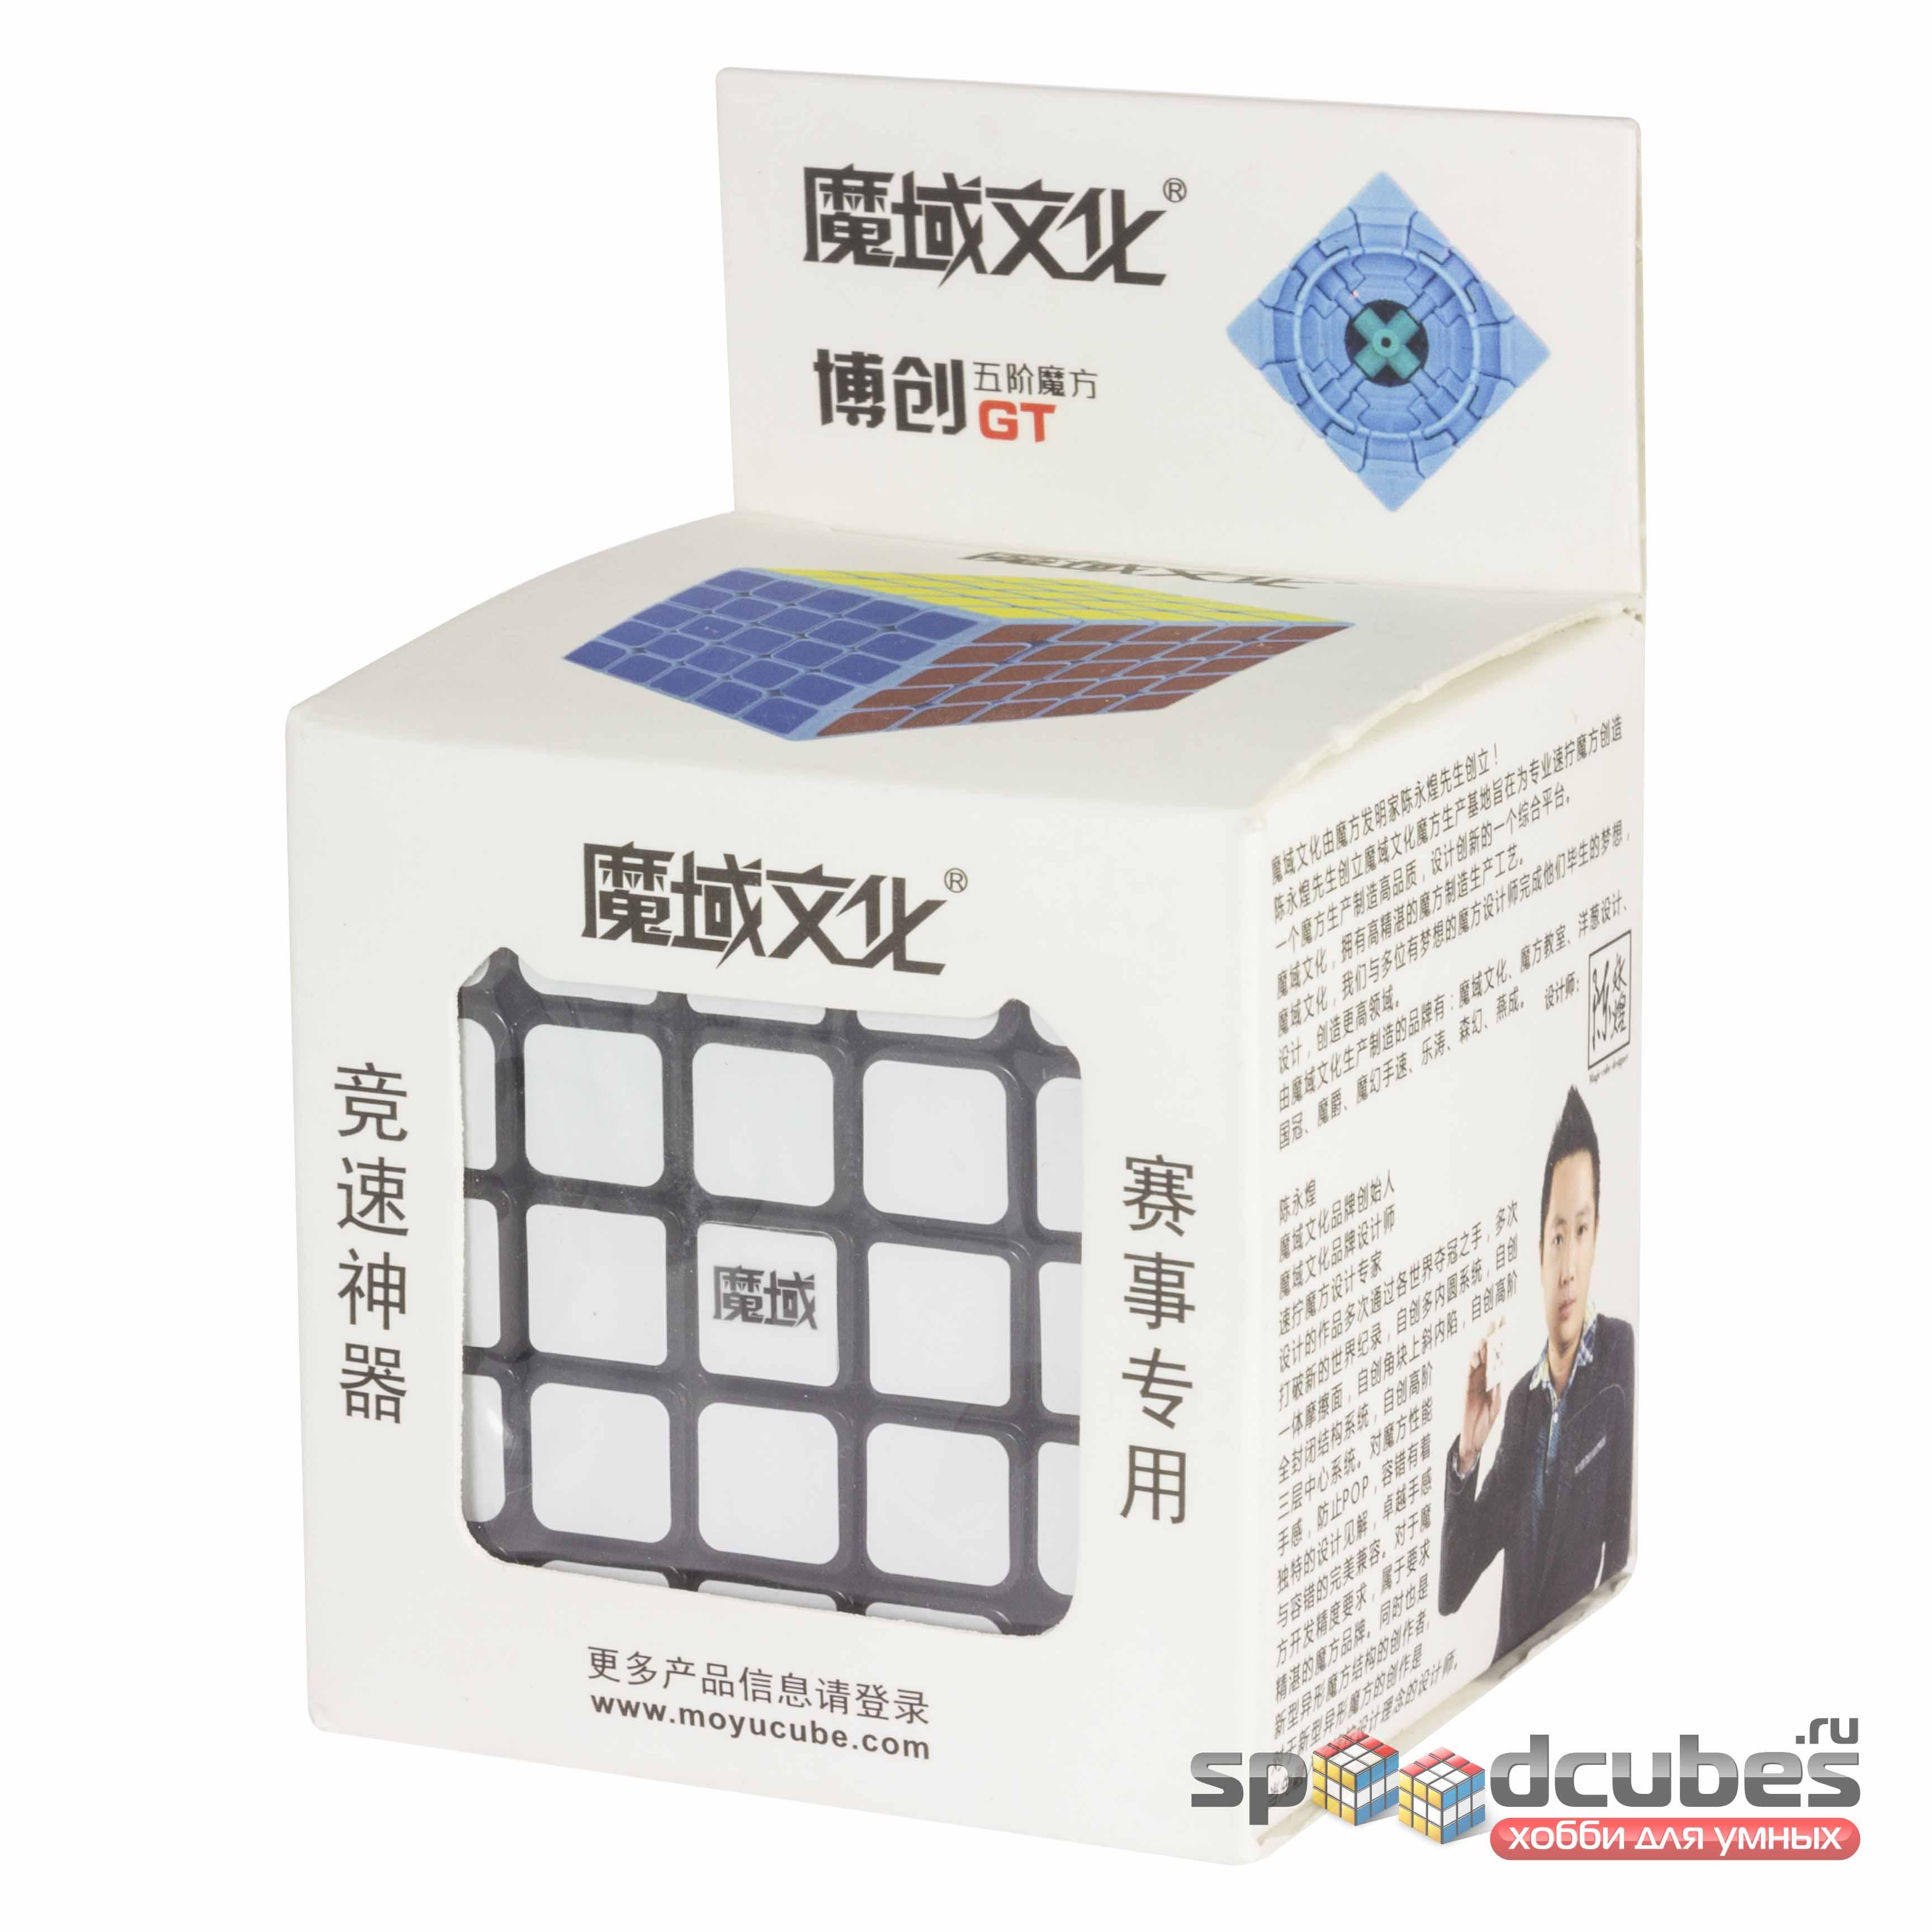 MoYu 5x5x5 Bochuang GT 1